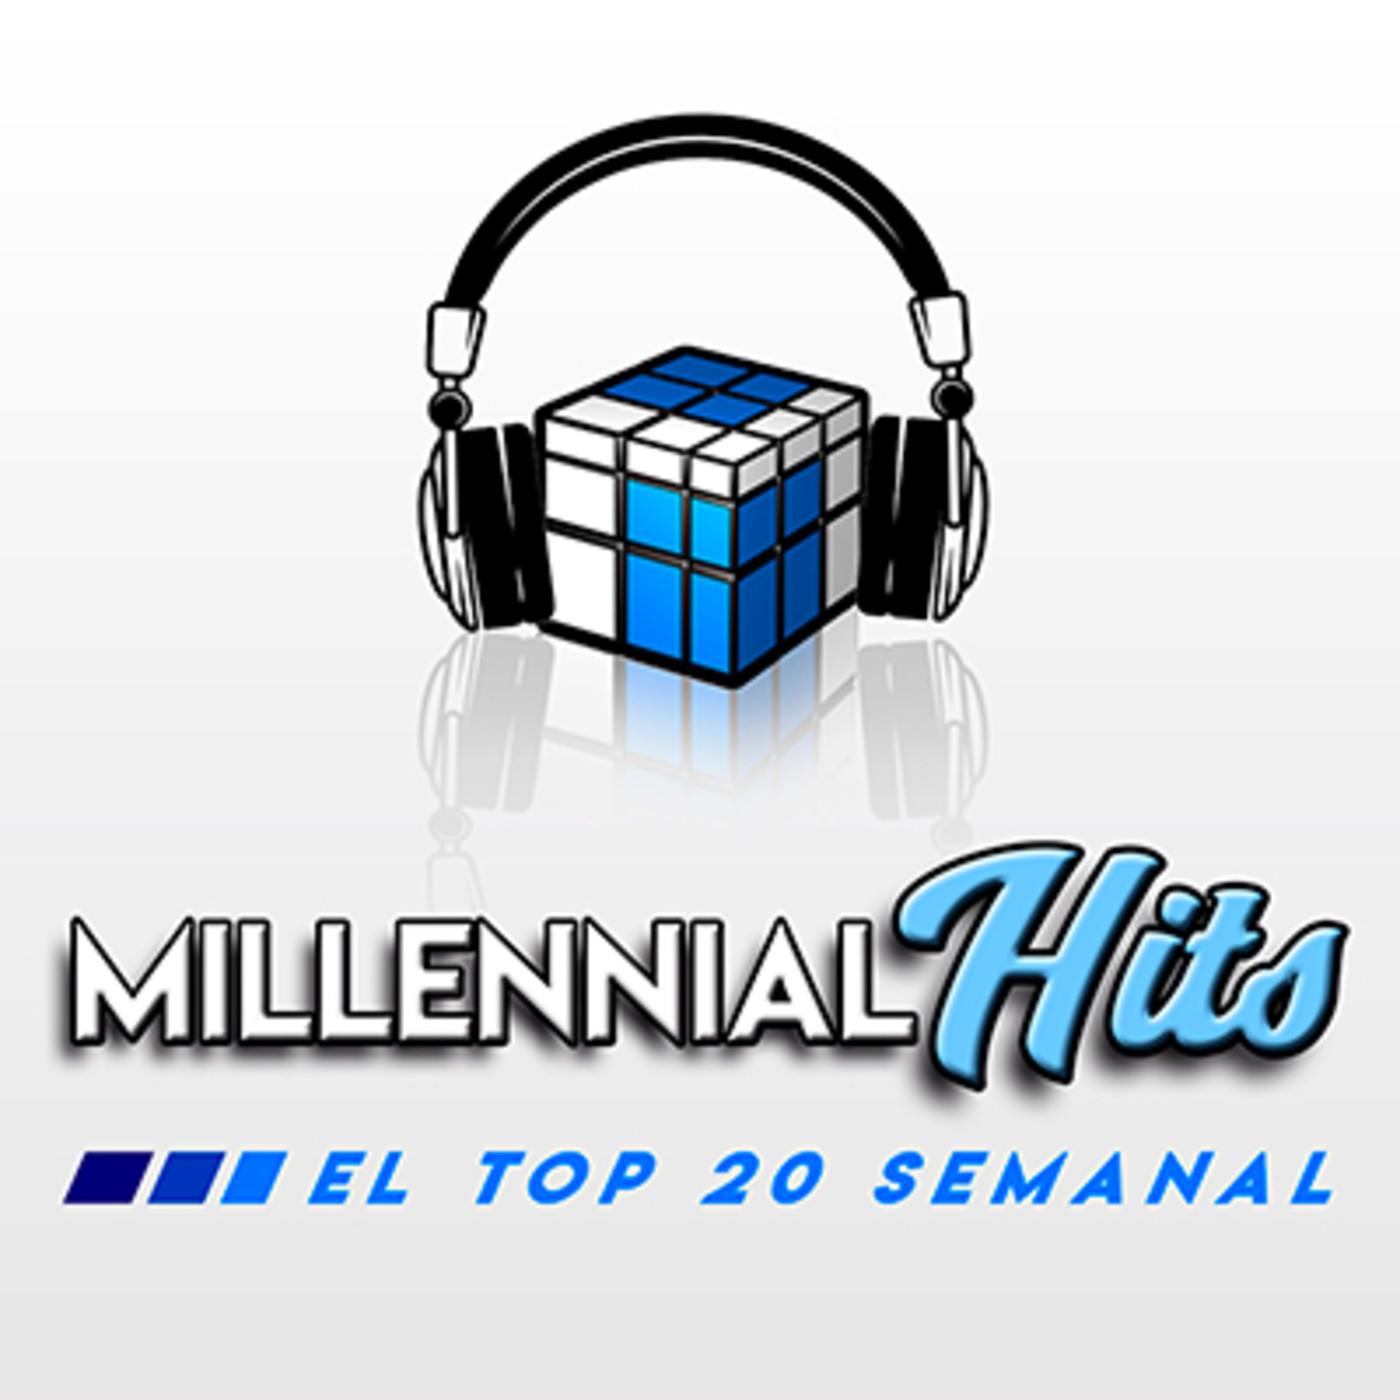 Millennial Hits   Semana del 24 al 31 de agosto